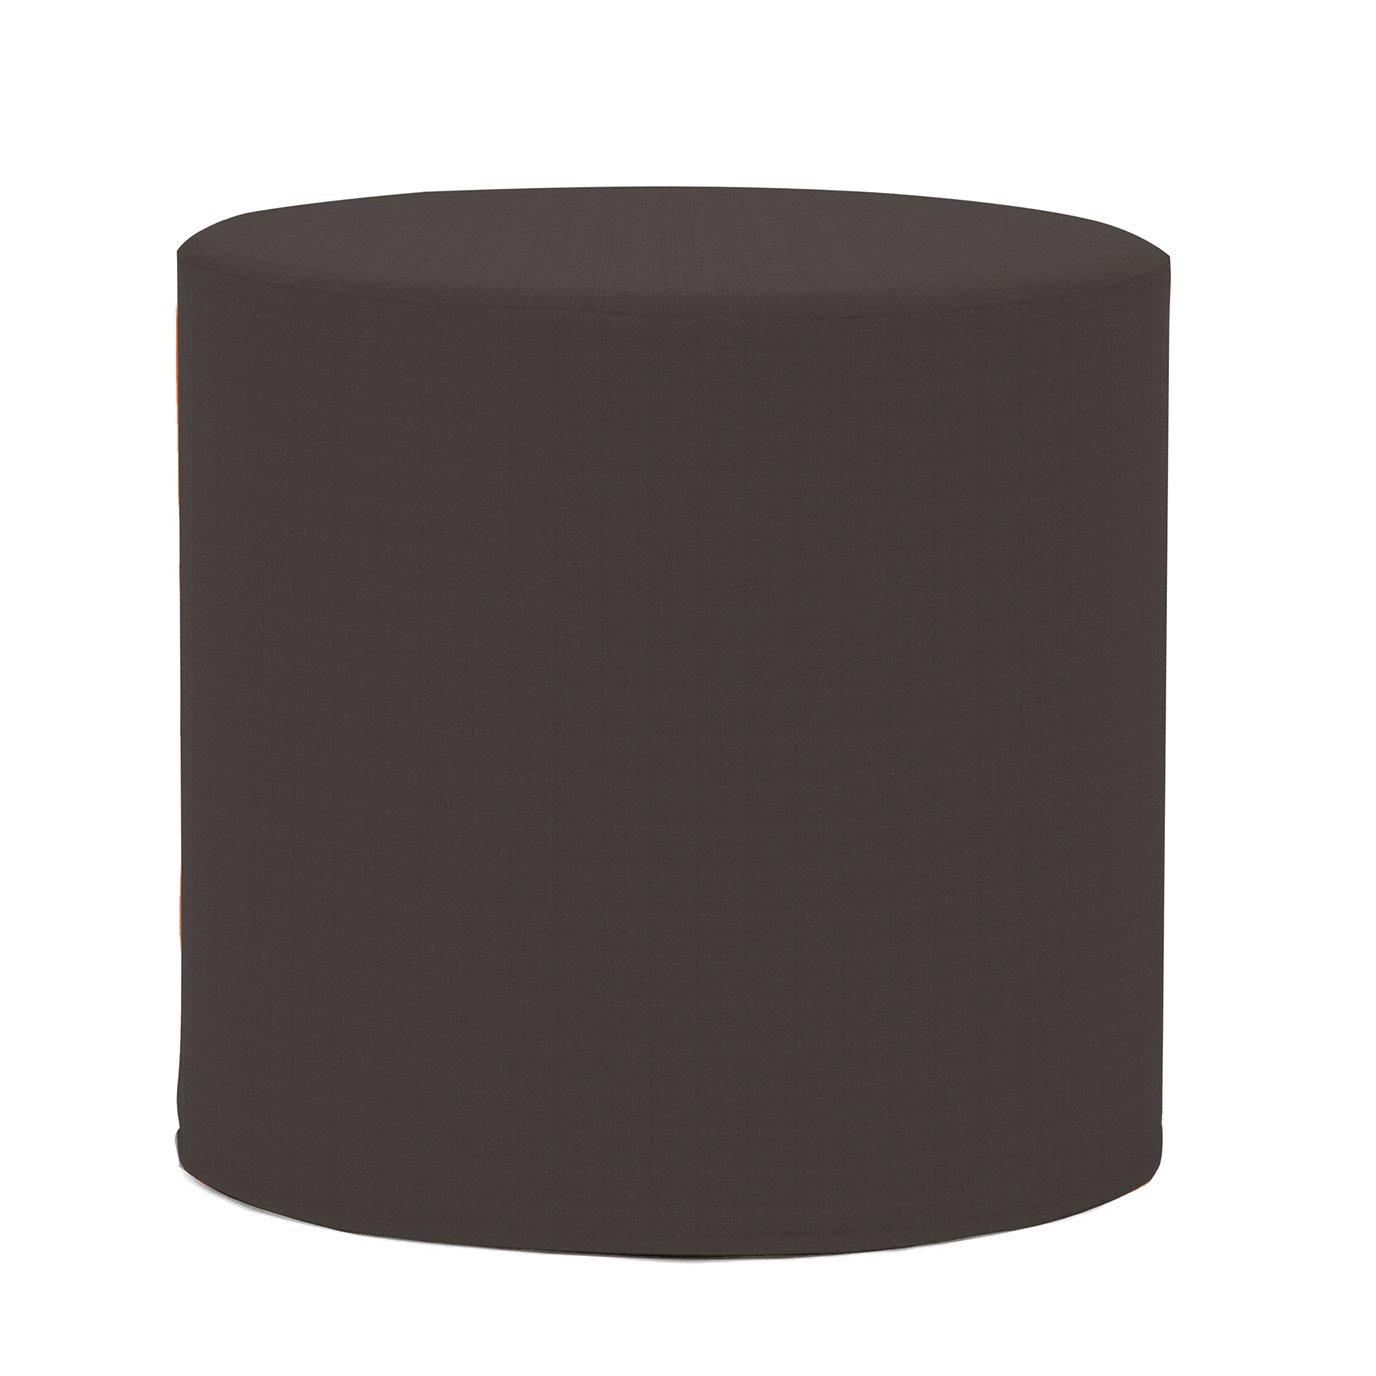 Howard Elliott No Tip Cylinder Seascape Charcoal